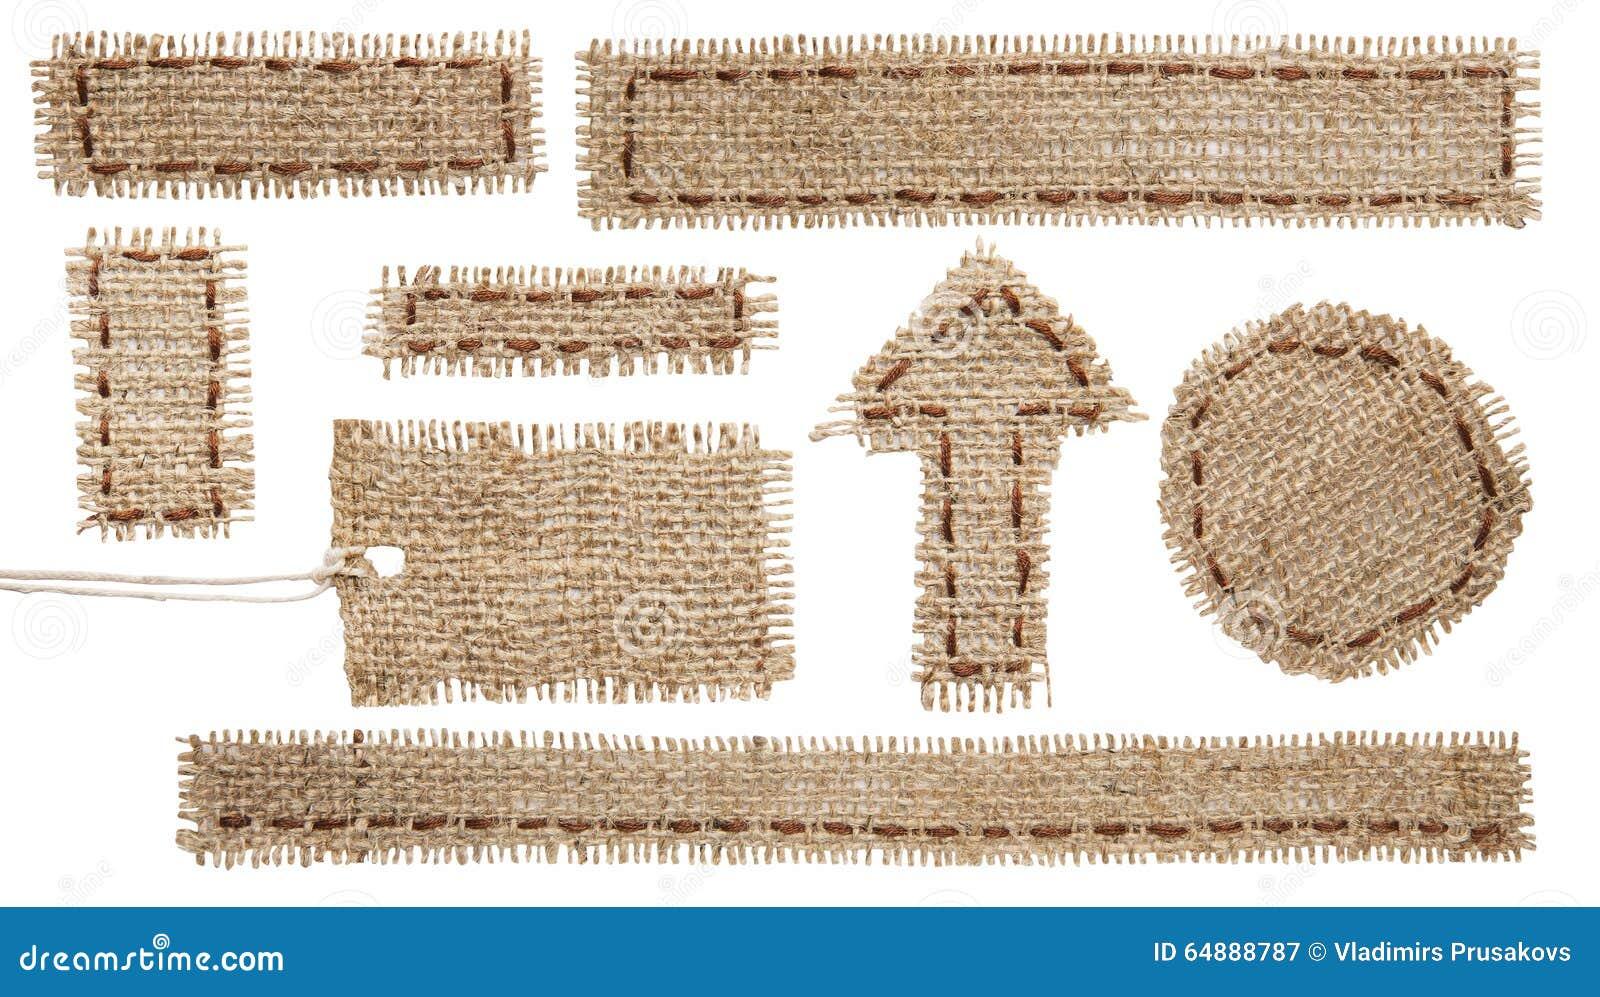 Etiqueta de la etiqueta de la tela de la arpillera, cinta del remiendo del paño de la arpillera, harpillera